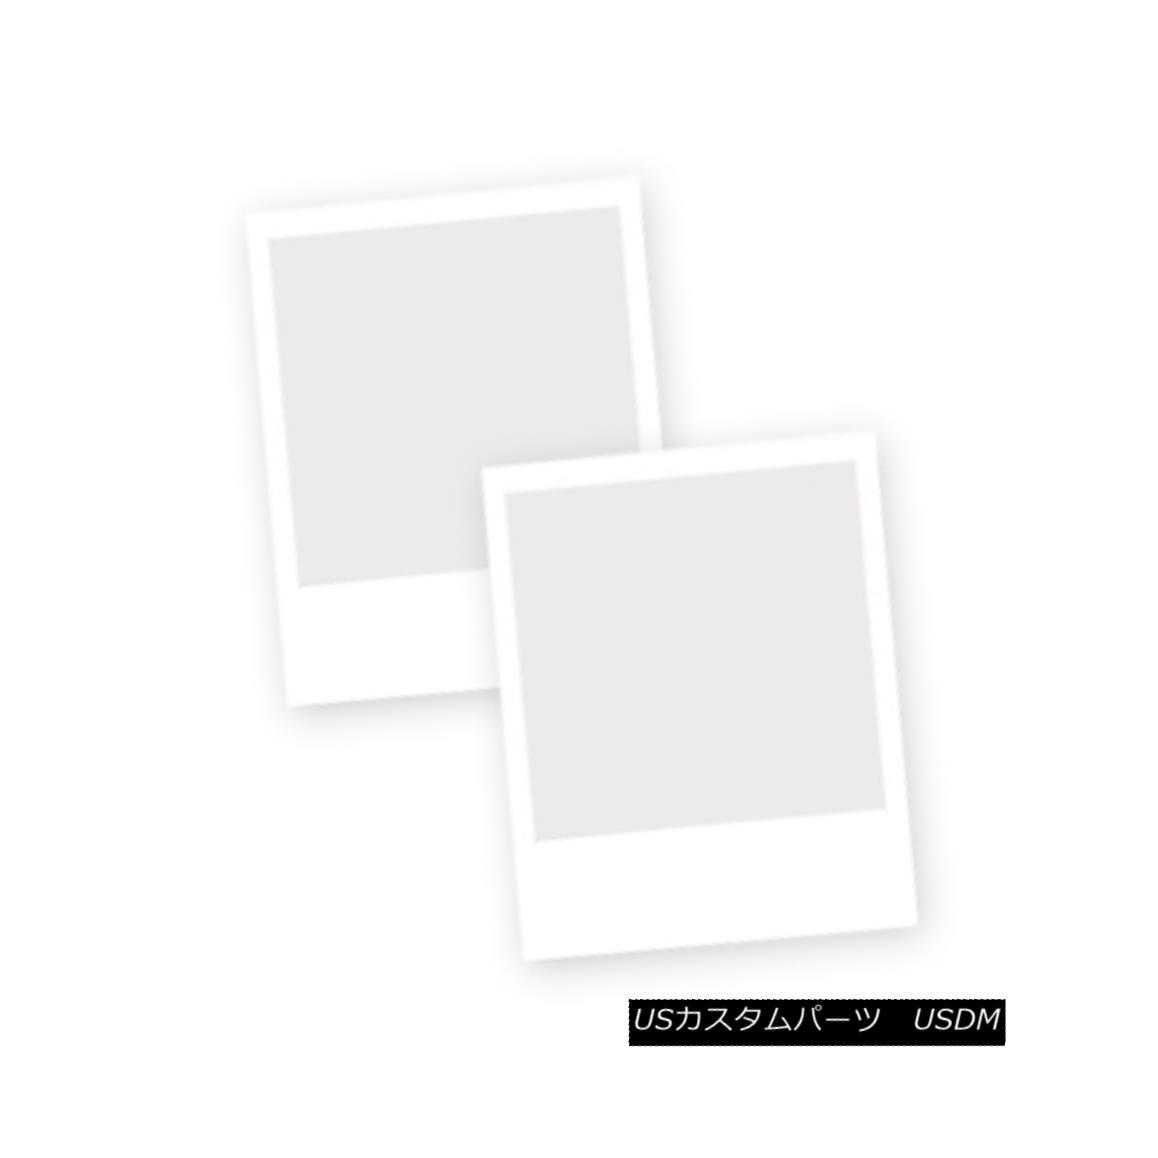 グリル Fits 2013-2016 Chevy Traverse Logo Show Billet Grille Insert Combo Chevy Traverse Logo Showビレットグリルインサートコンボ